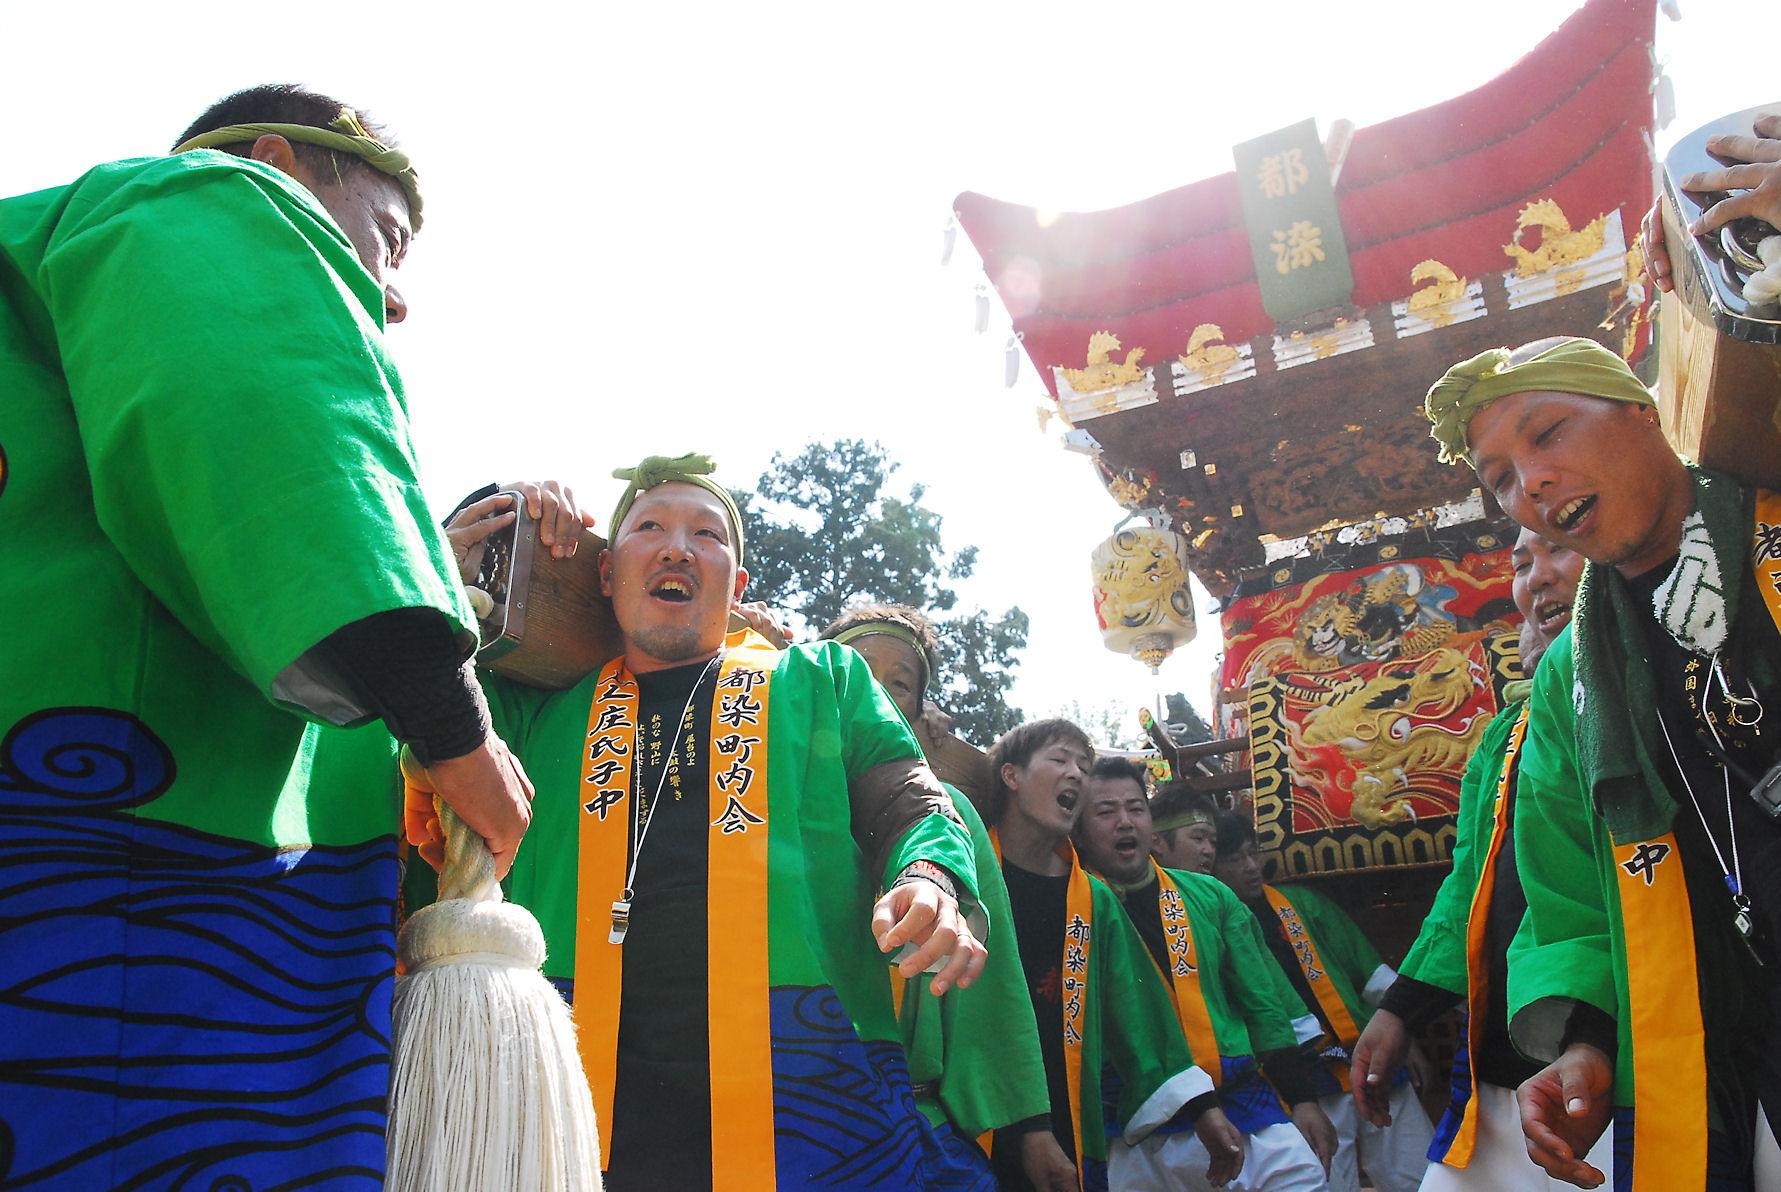 上荘神社の祭り17_c0136419_1925289.jpg